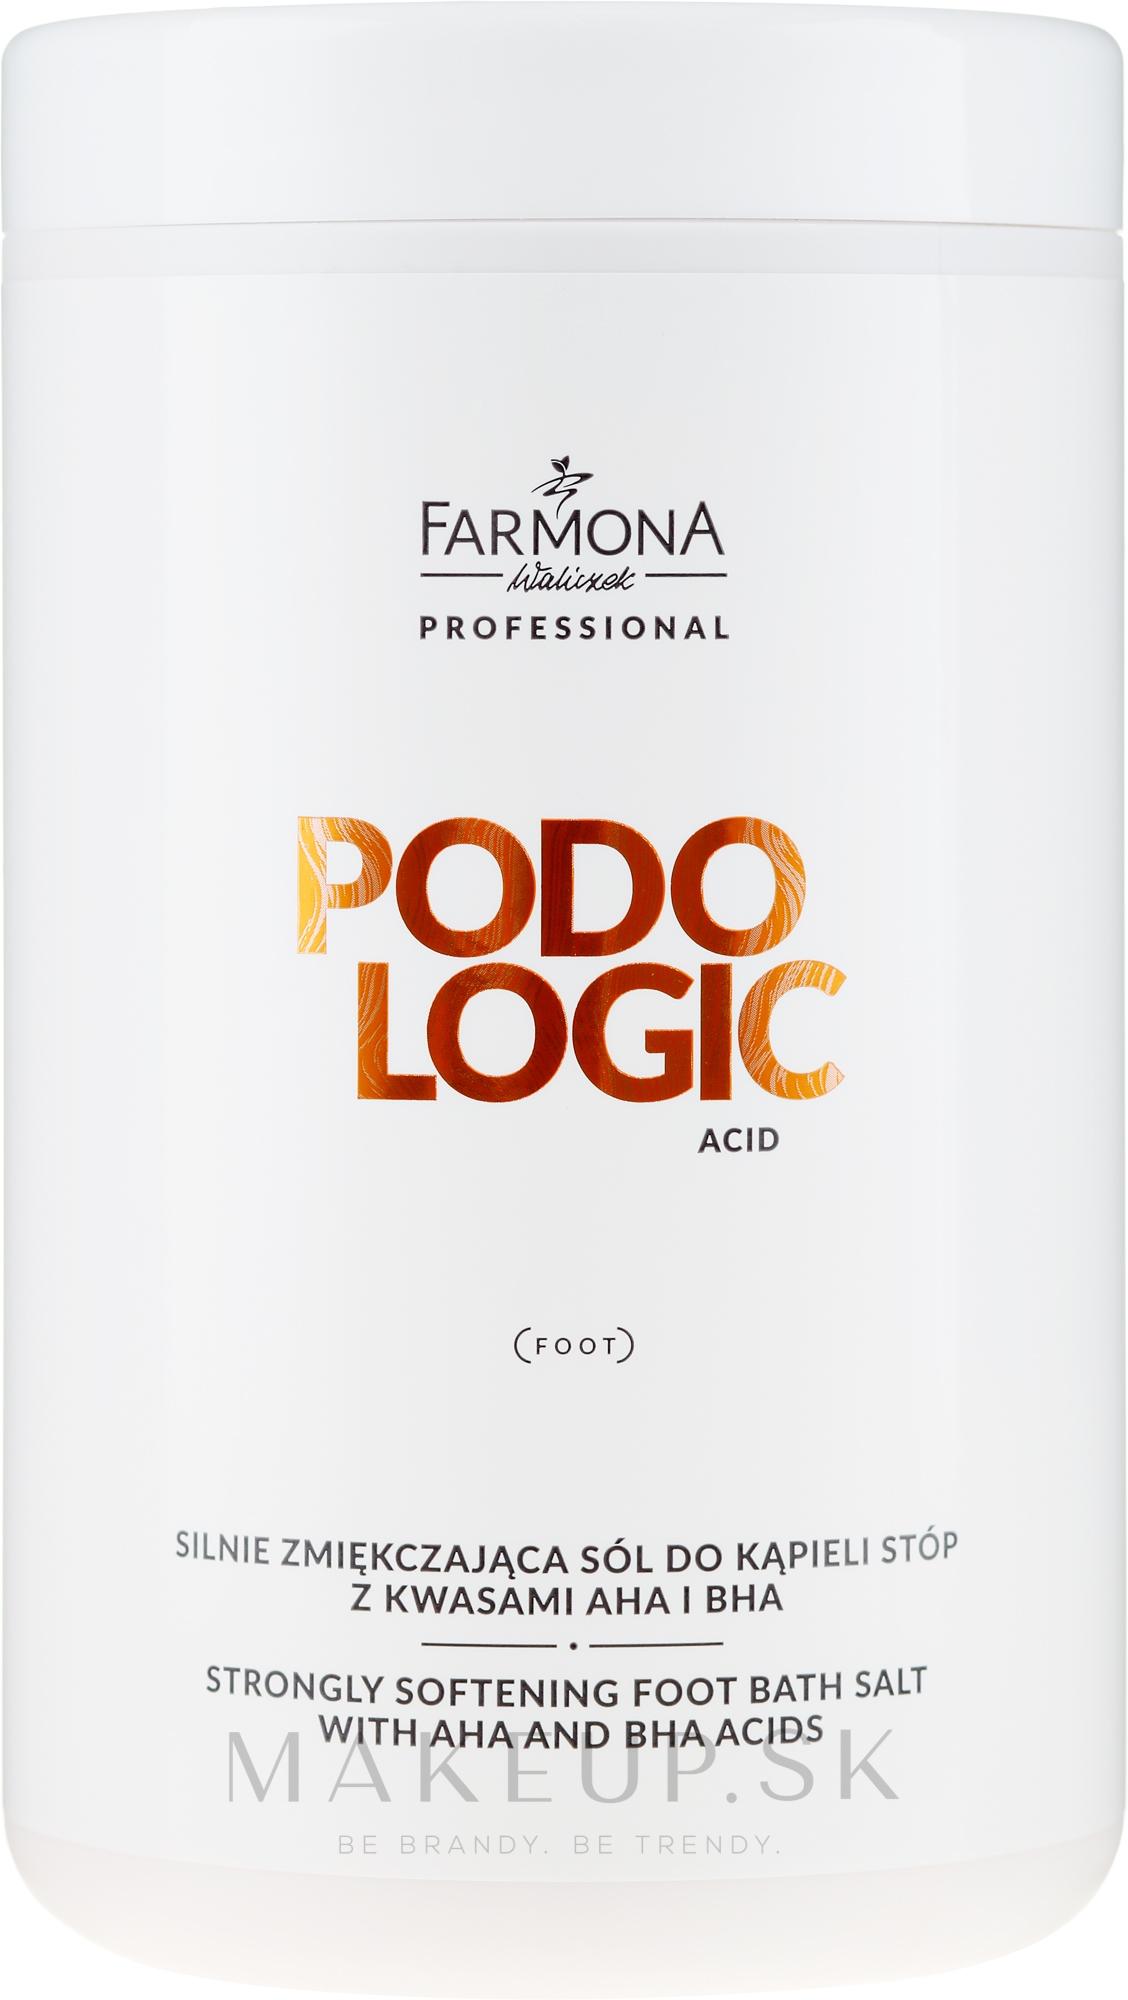 Zmiernená soľ na nohy - Farmona Podologic Acid Strongly Softening Foot Bath Salt — Obrázky 1500 g